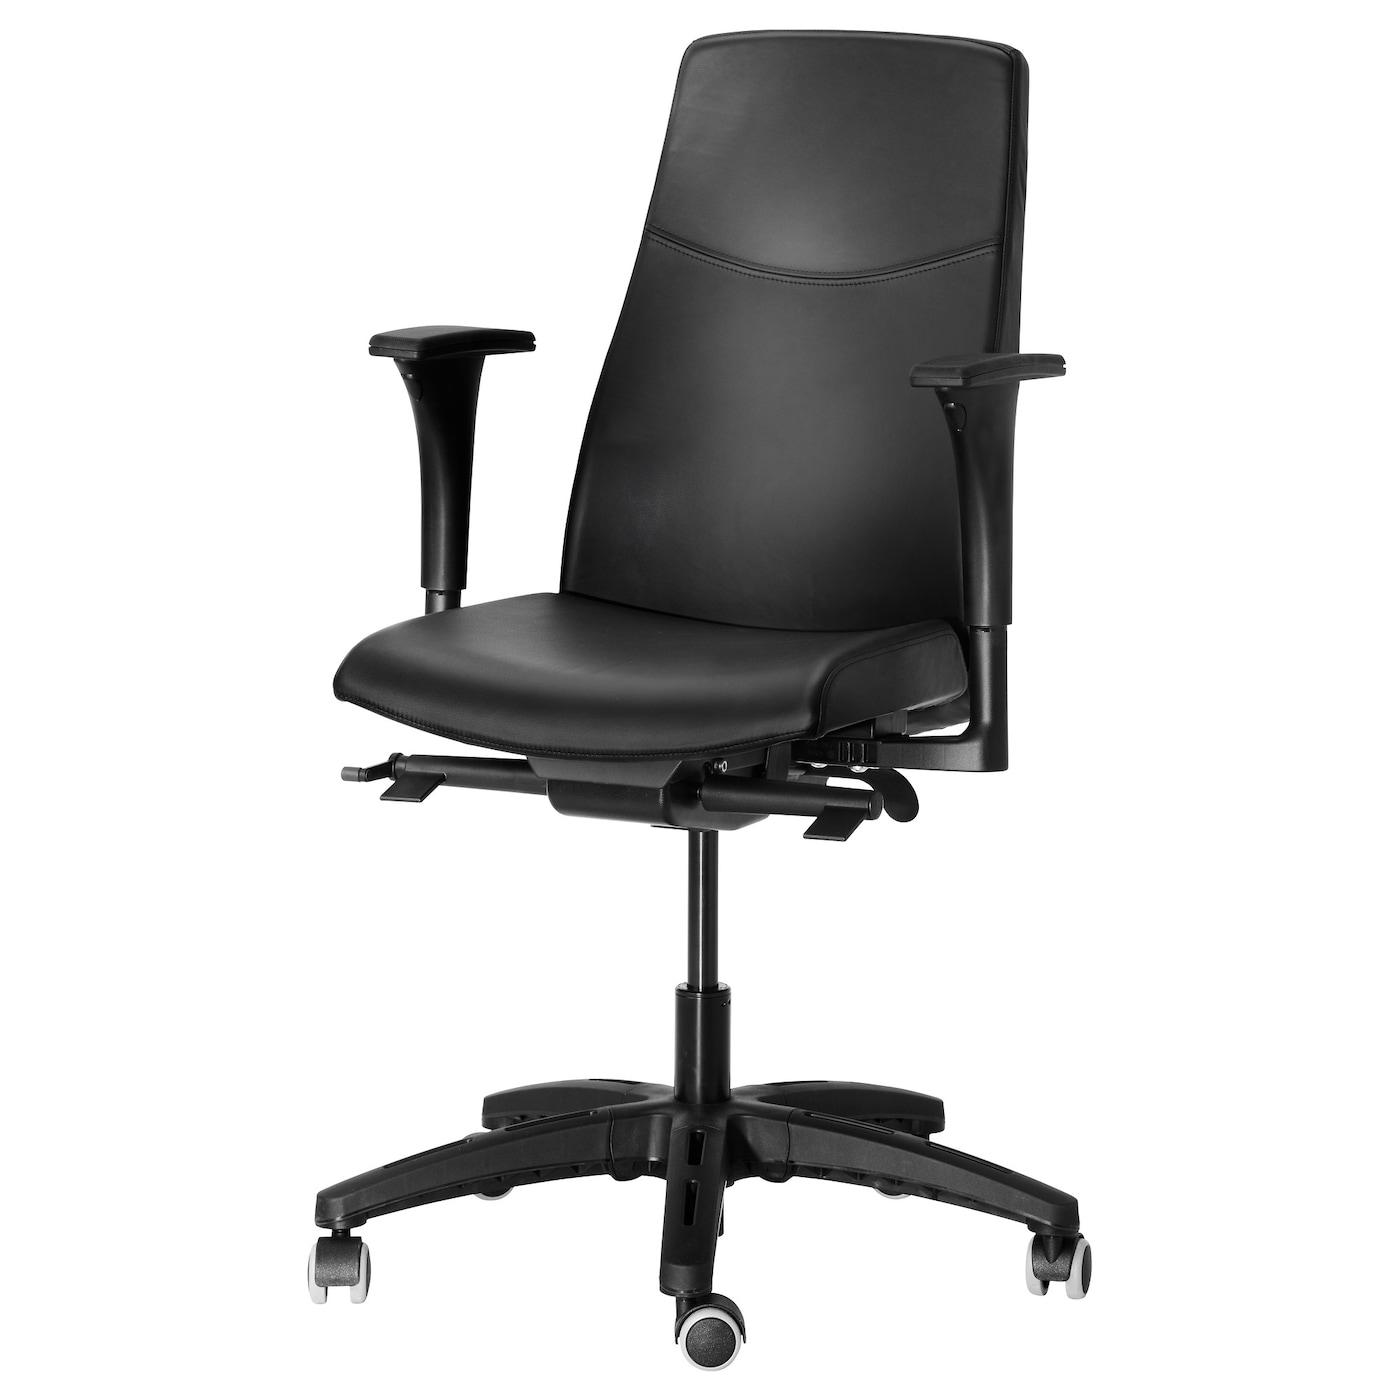 Ikea Essstuhl probiere gratis poäng armchair ikea produkte in 3d vr und ar